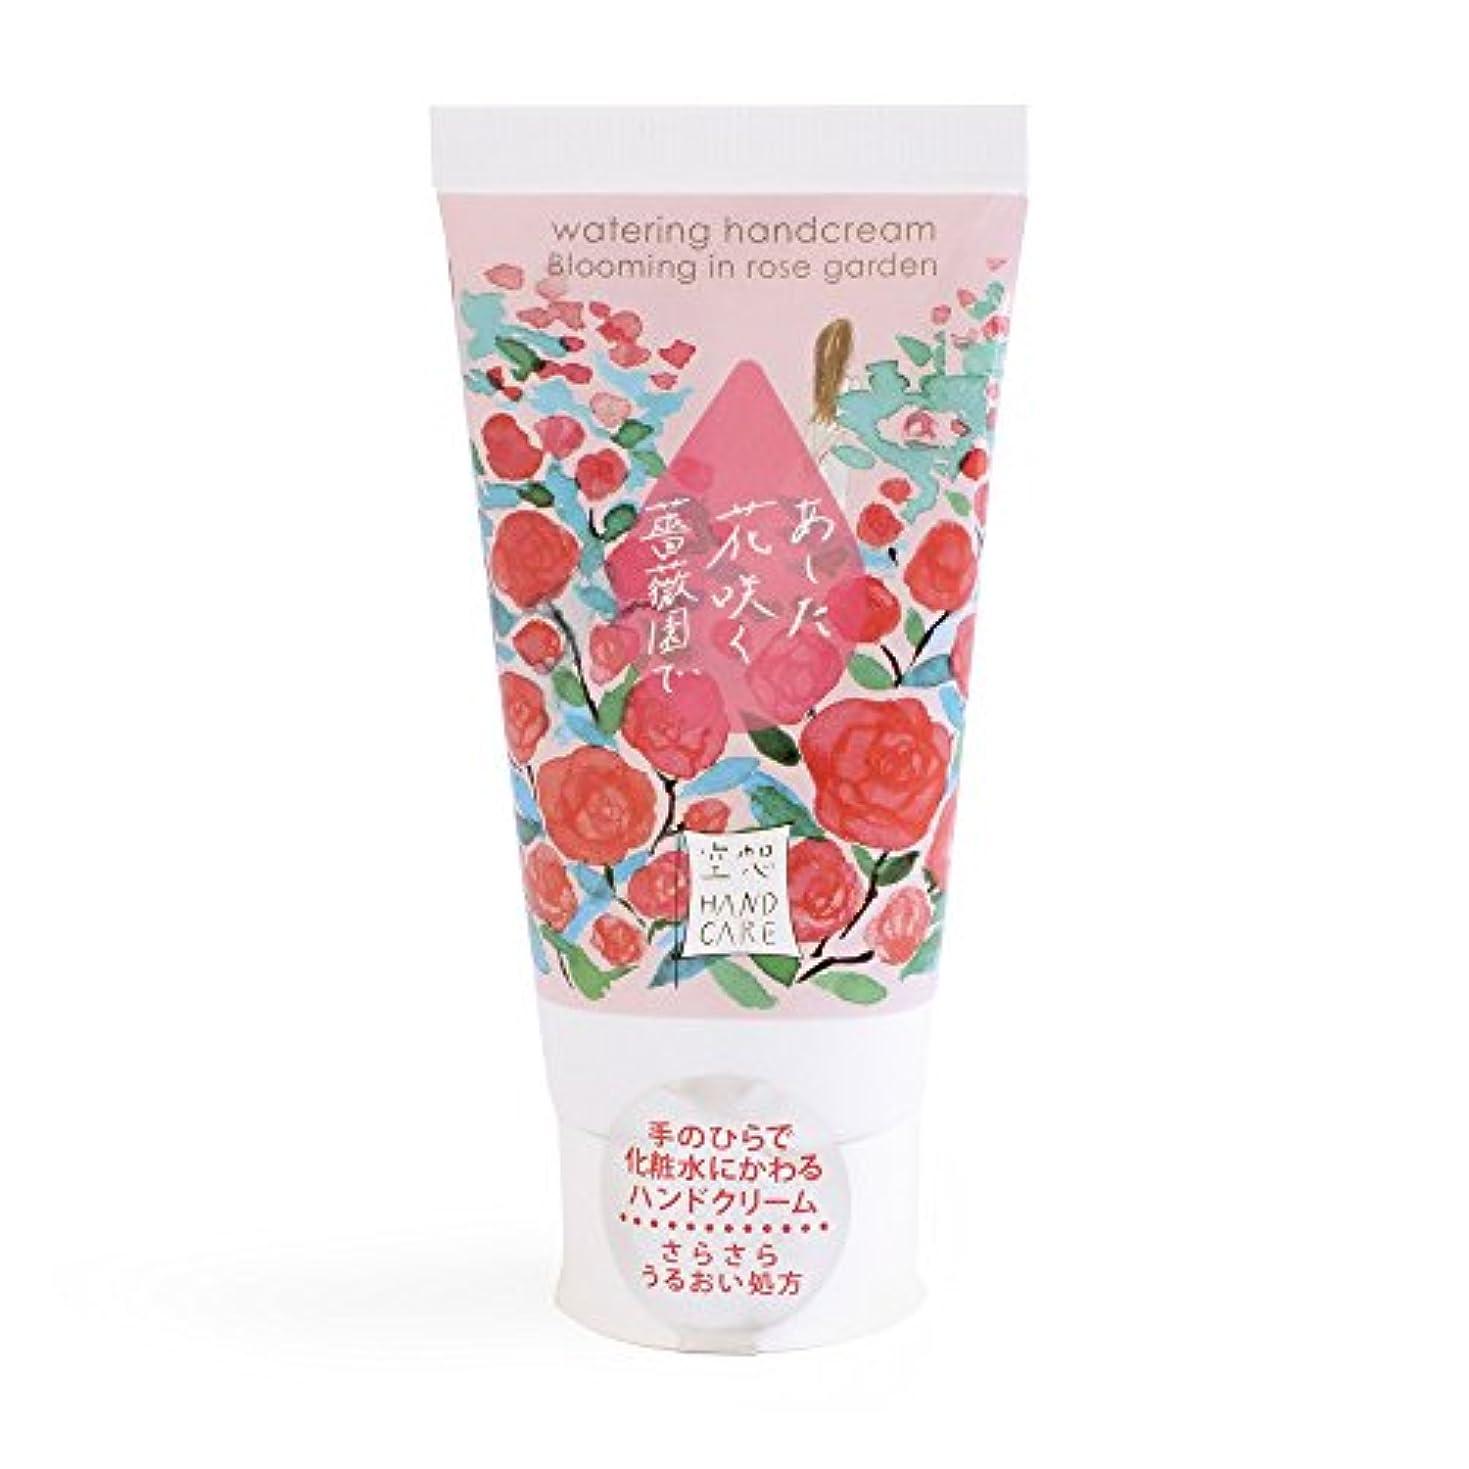 ジェームズダイソンラフレシアアルノルディこする空想ウォータリングハンドクリーム あした花咲く薔薇園で